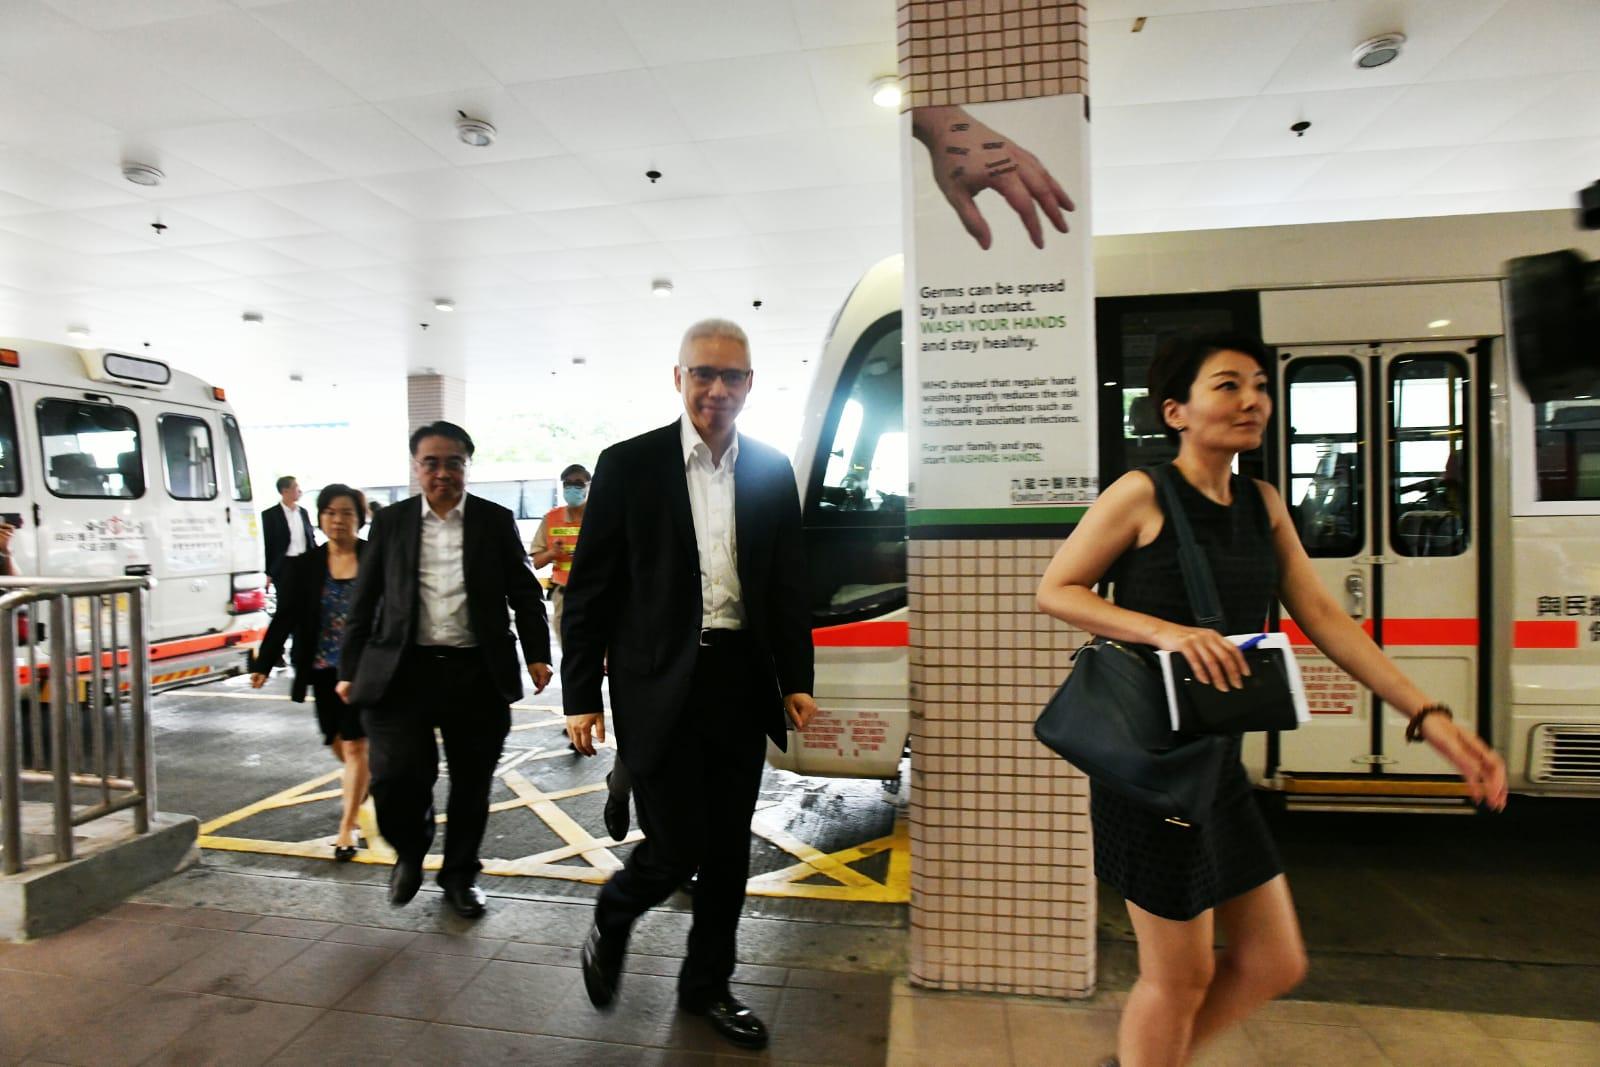 【港铁出轨】1男4女不适送院 港铁主席欧阳伯权前往医院探望